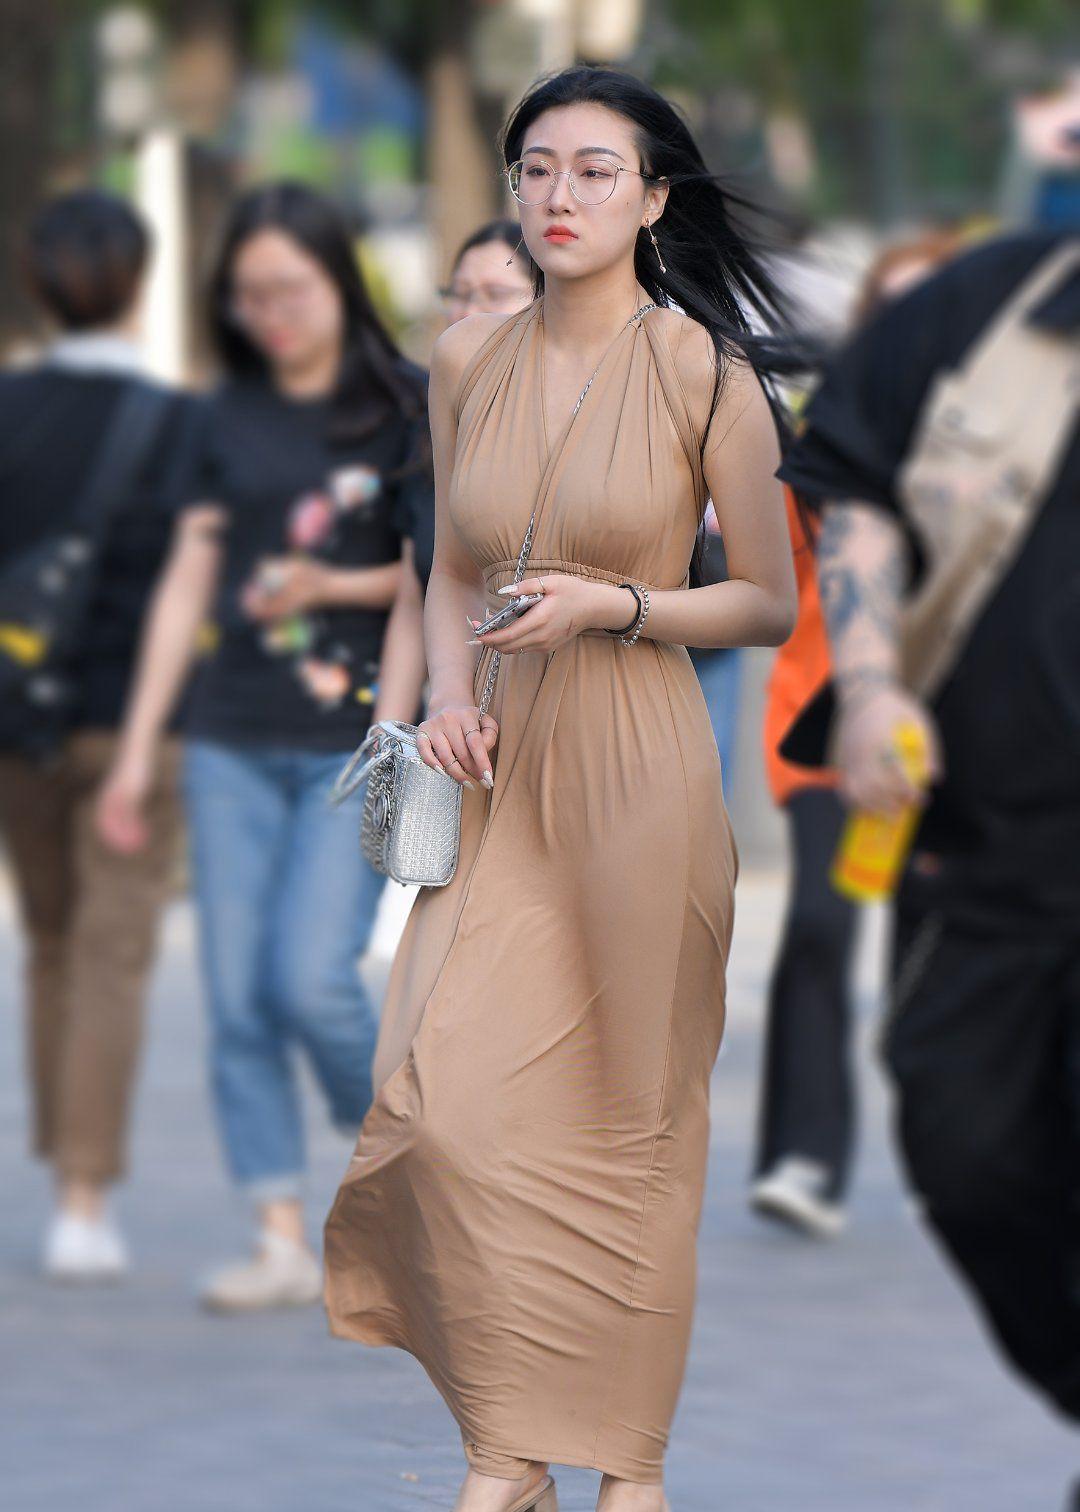 女神专宠的裸色裙这样穿才好看,拥有黄金的身材比例非它莫属